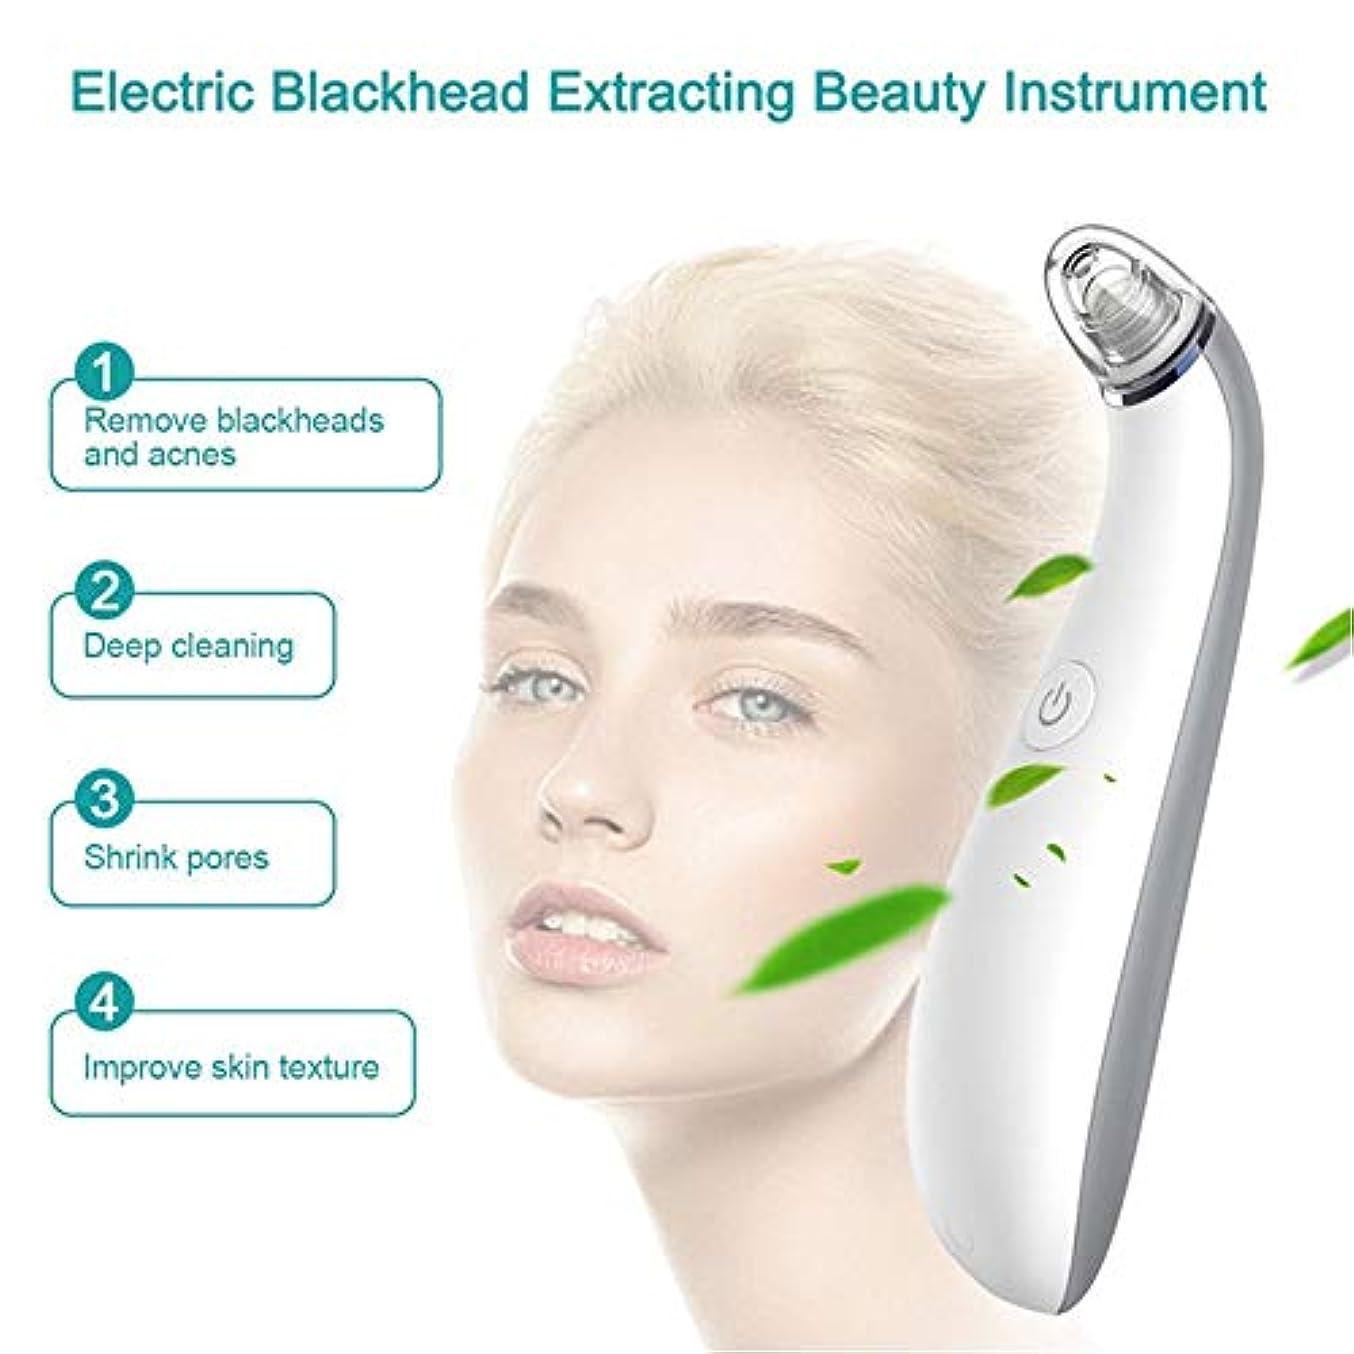 フォーカスリレーフィドル気孔の真空の深くきれいな、皮膚健康のための電気顔の安定した吸引のスキンケア用具4取り替え可能な吸引の頭部USB再充電可能